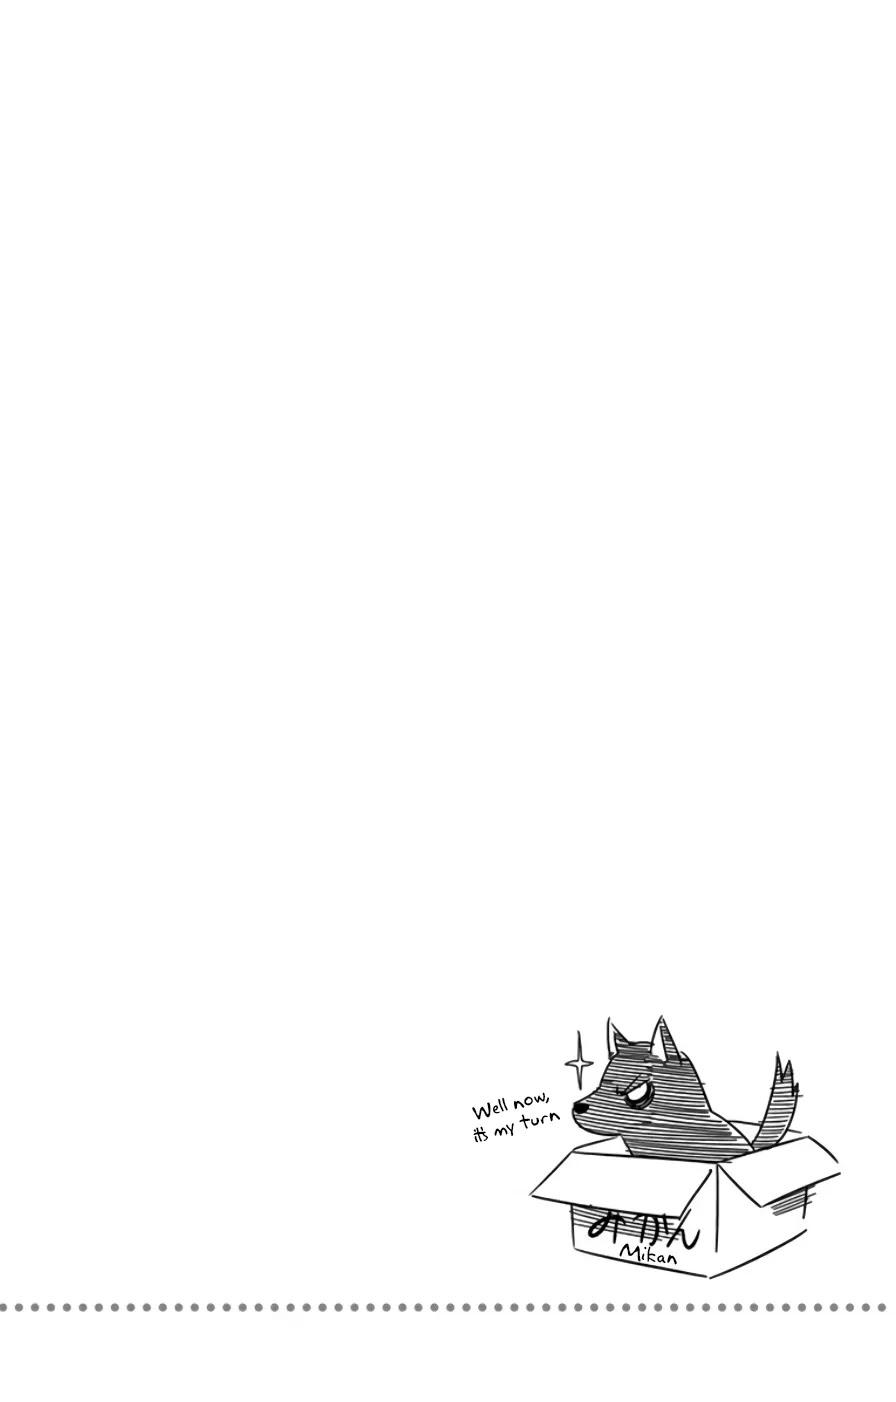 Shokugeki no Soma Chapter 101.5  Online Free Manga Read Image 4